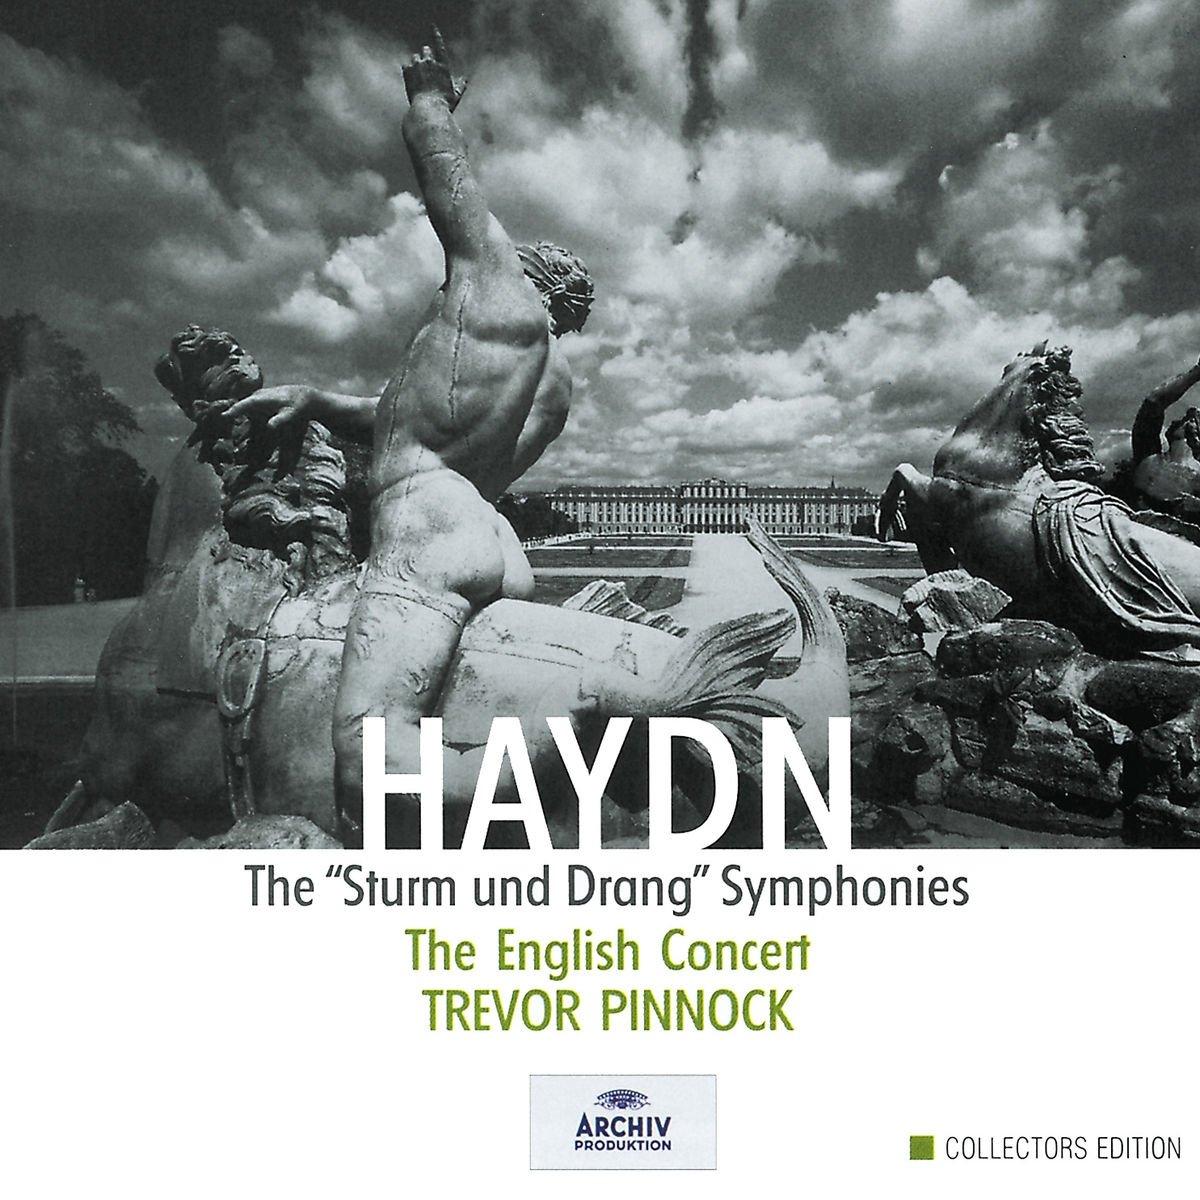 Symphonic 18 az french tone par